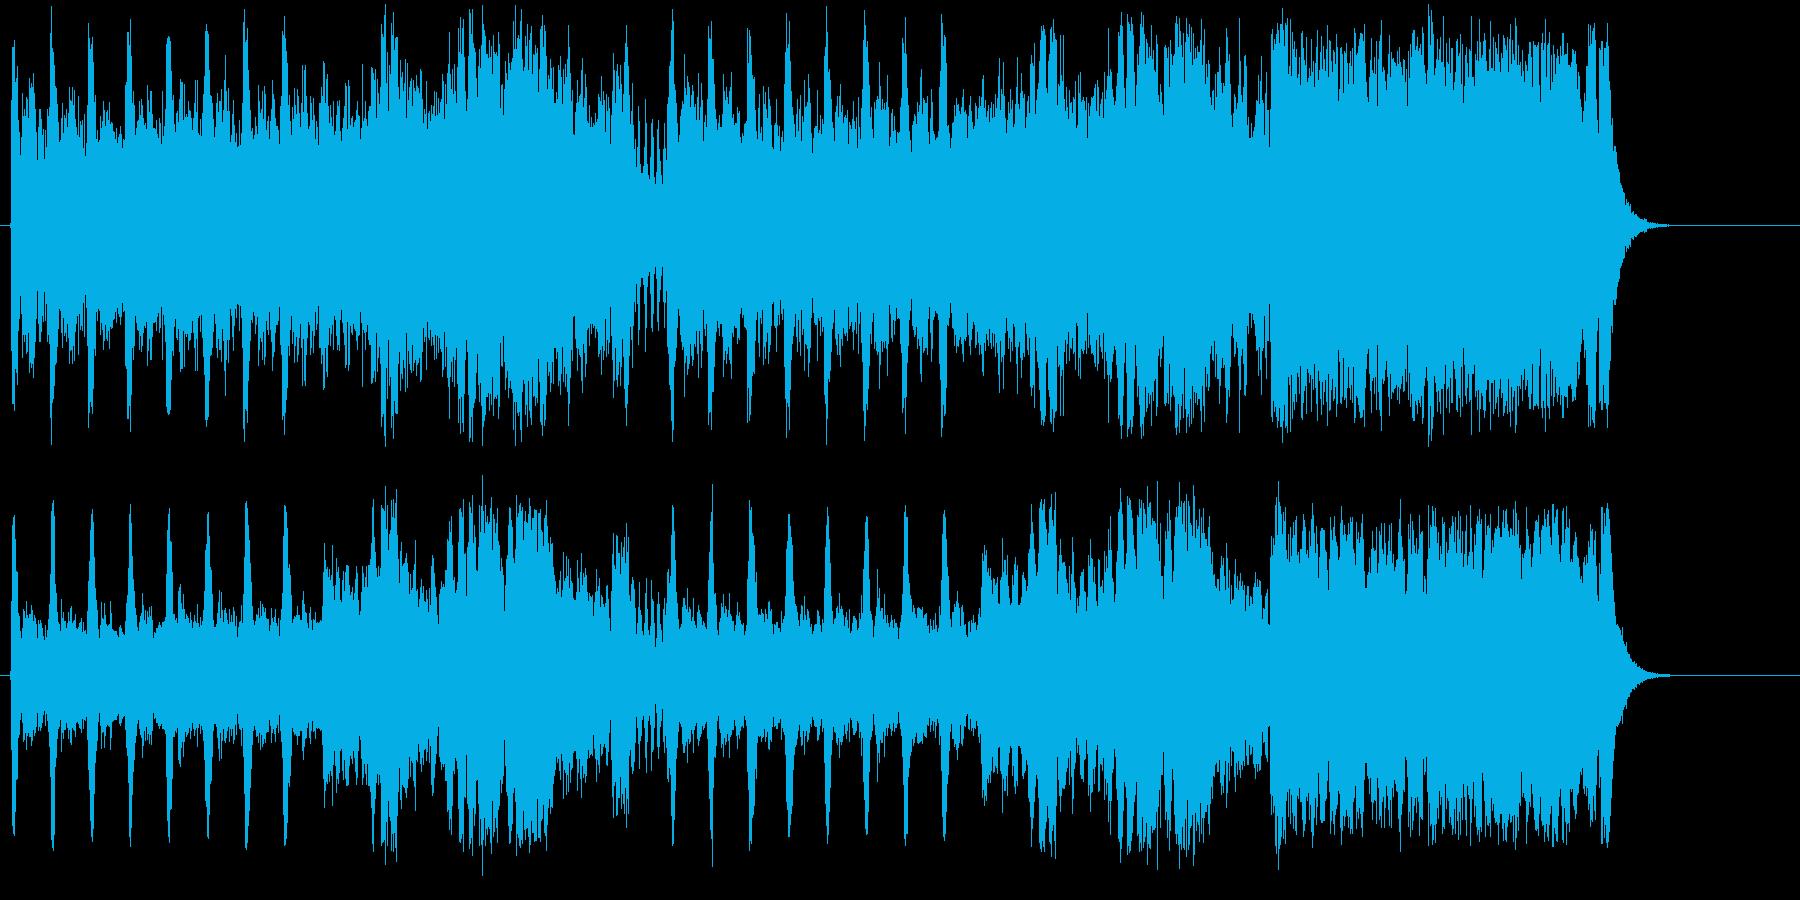 壮大に奏でられたオーケストラ・サウンドの再生済みの波形